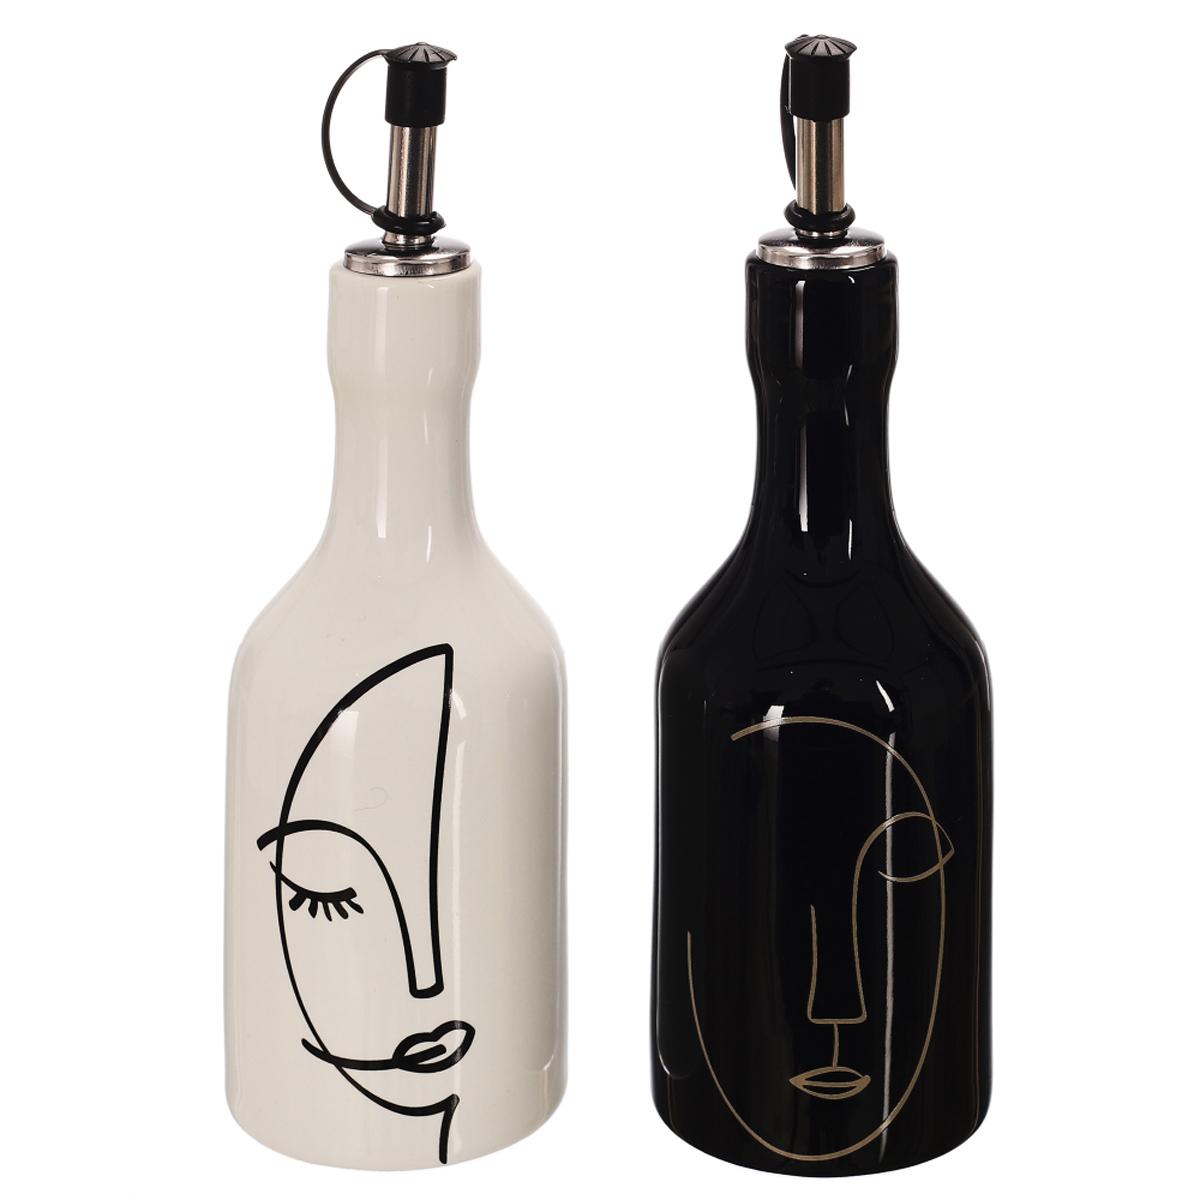 Bouteilles huile et vinaigre céramique \'Arty\' noir blanc - 90x45 mm chacun - [A1460]